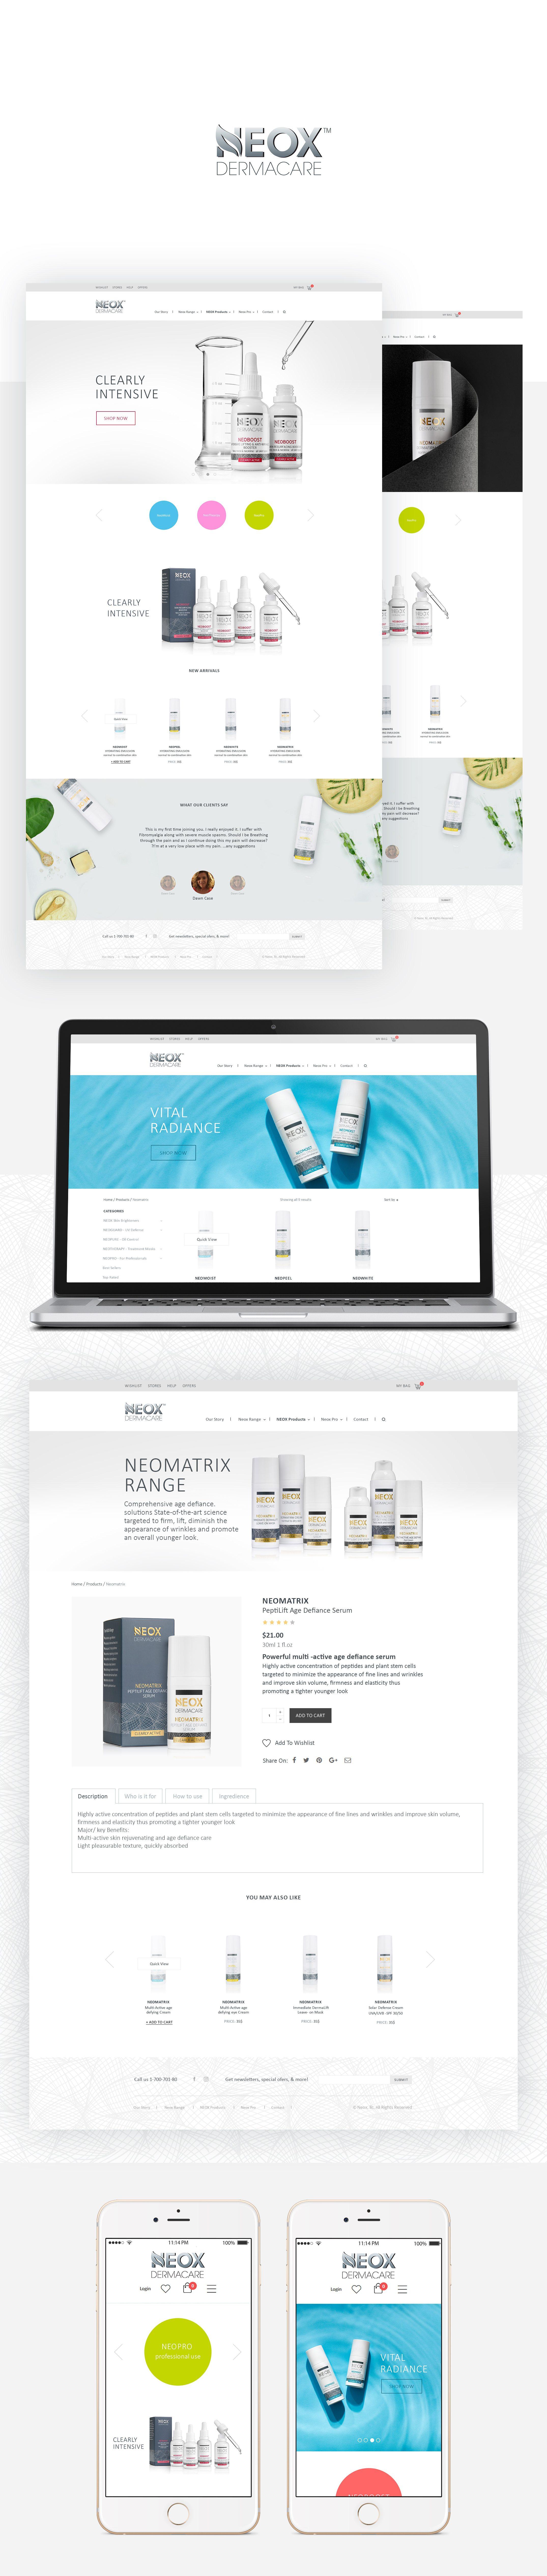 neox (2)